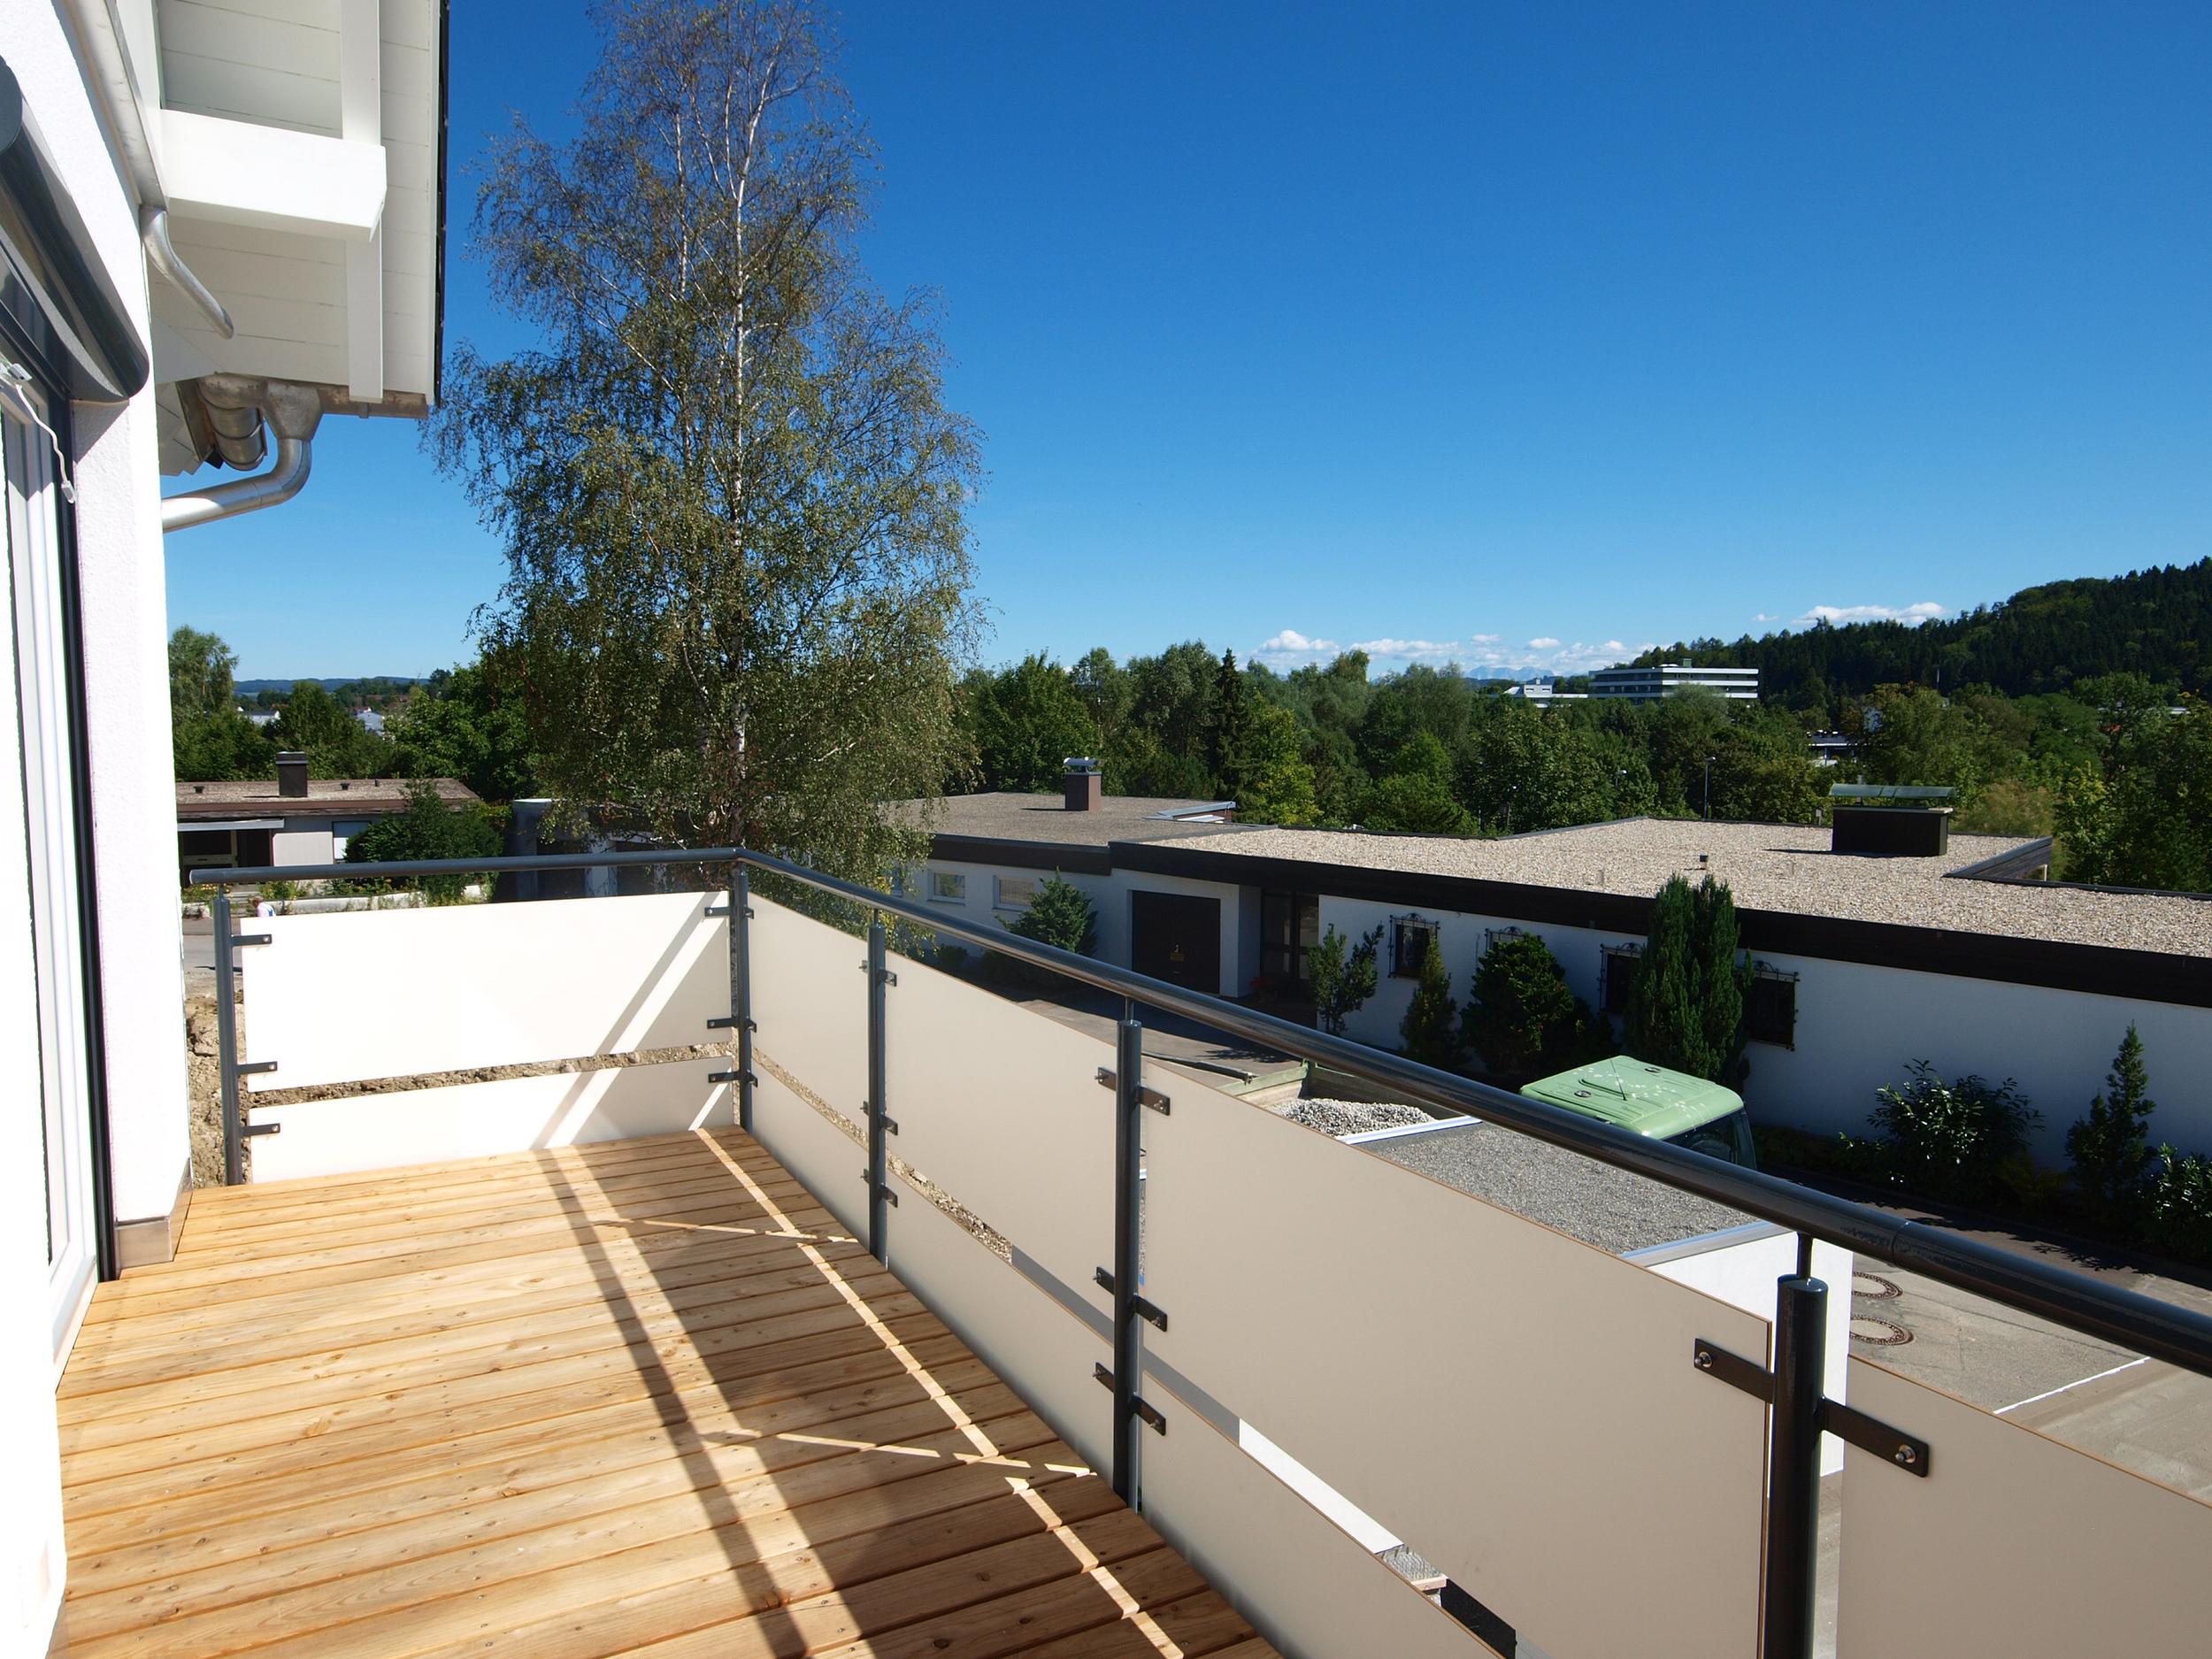 Balkon2_UG.jpg